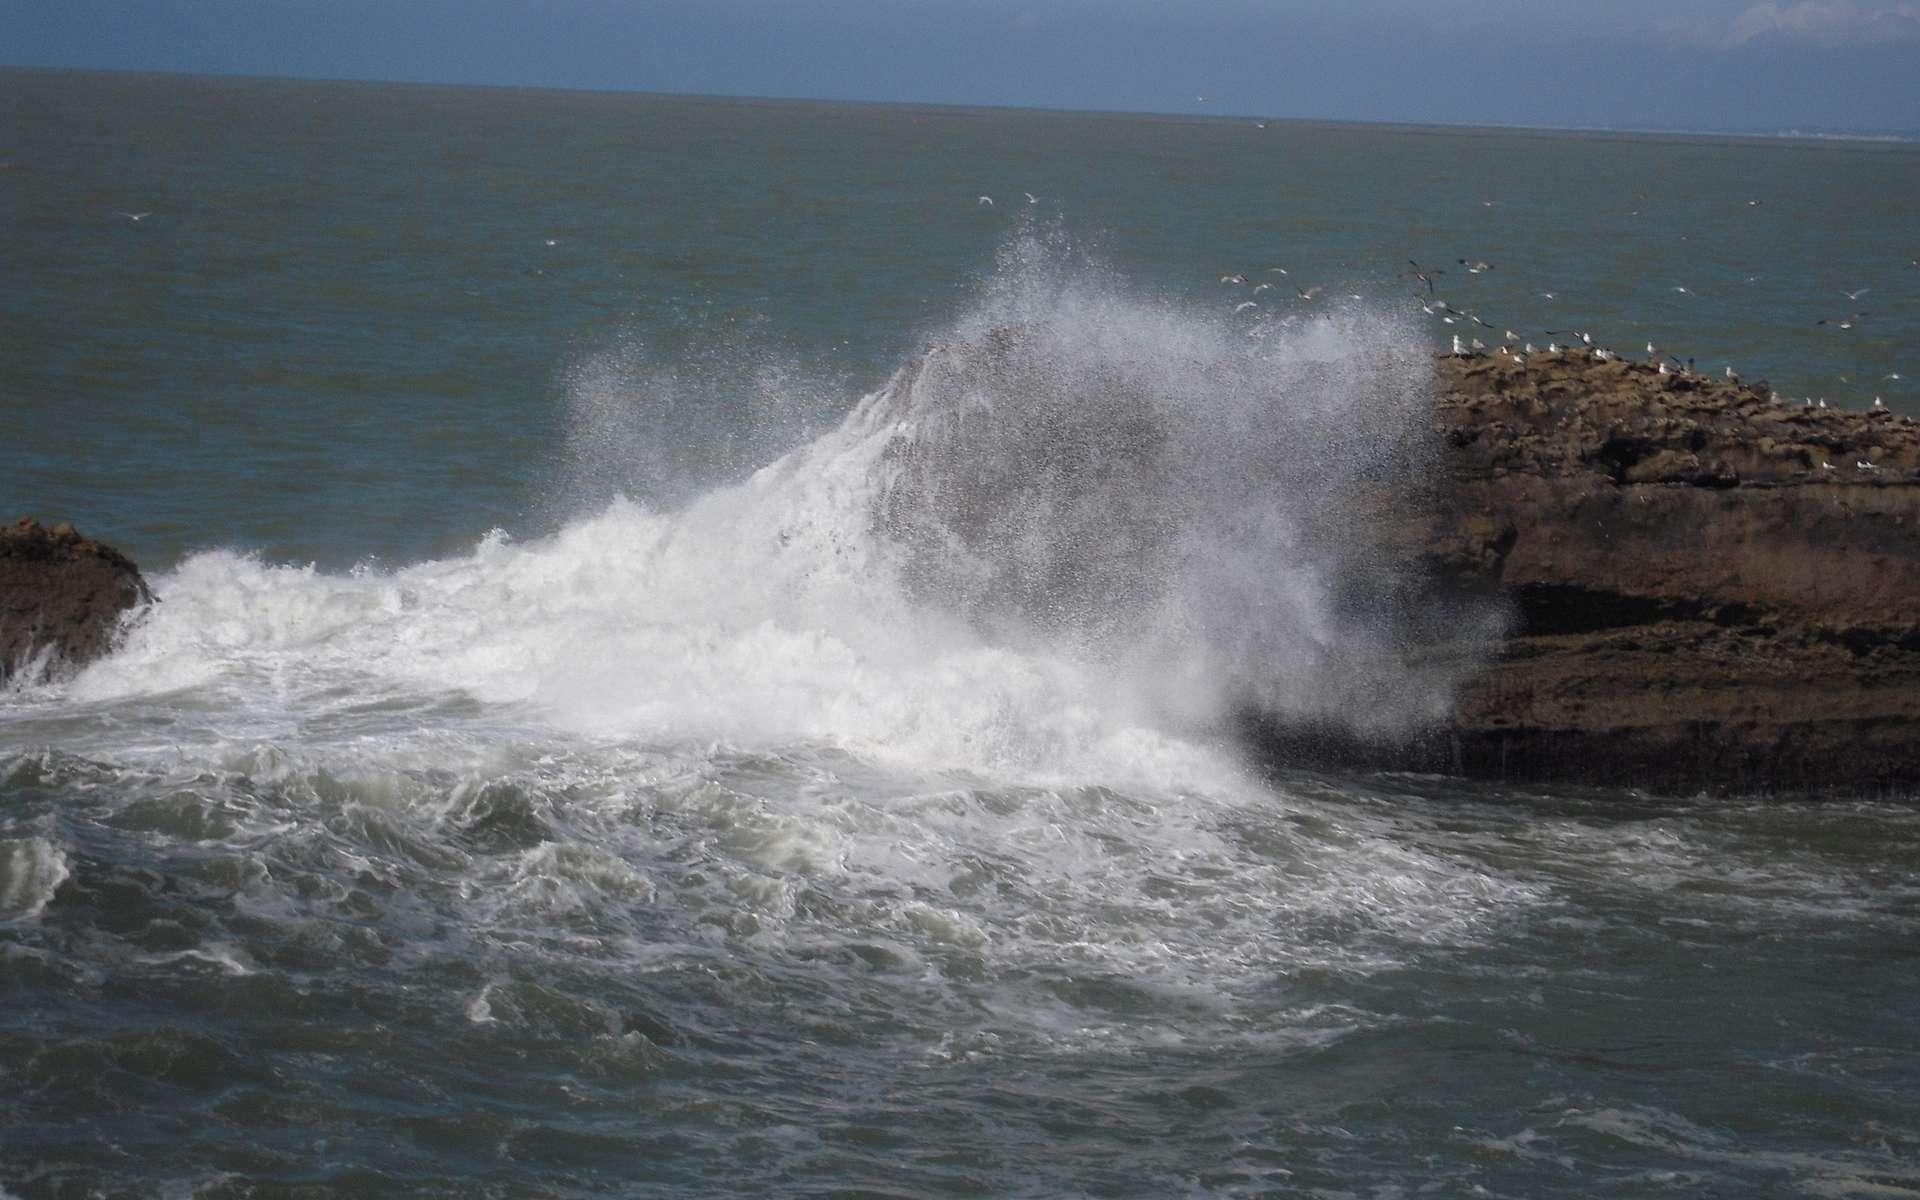 Le vent est à l'origine de la formation des vagues. © patrick janicek, Flockr, CC by 2.0